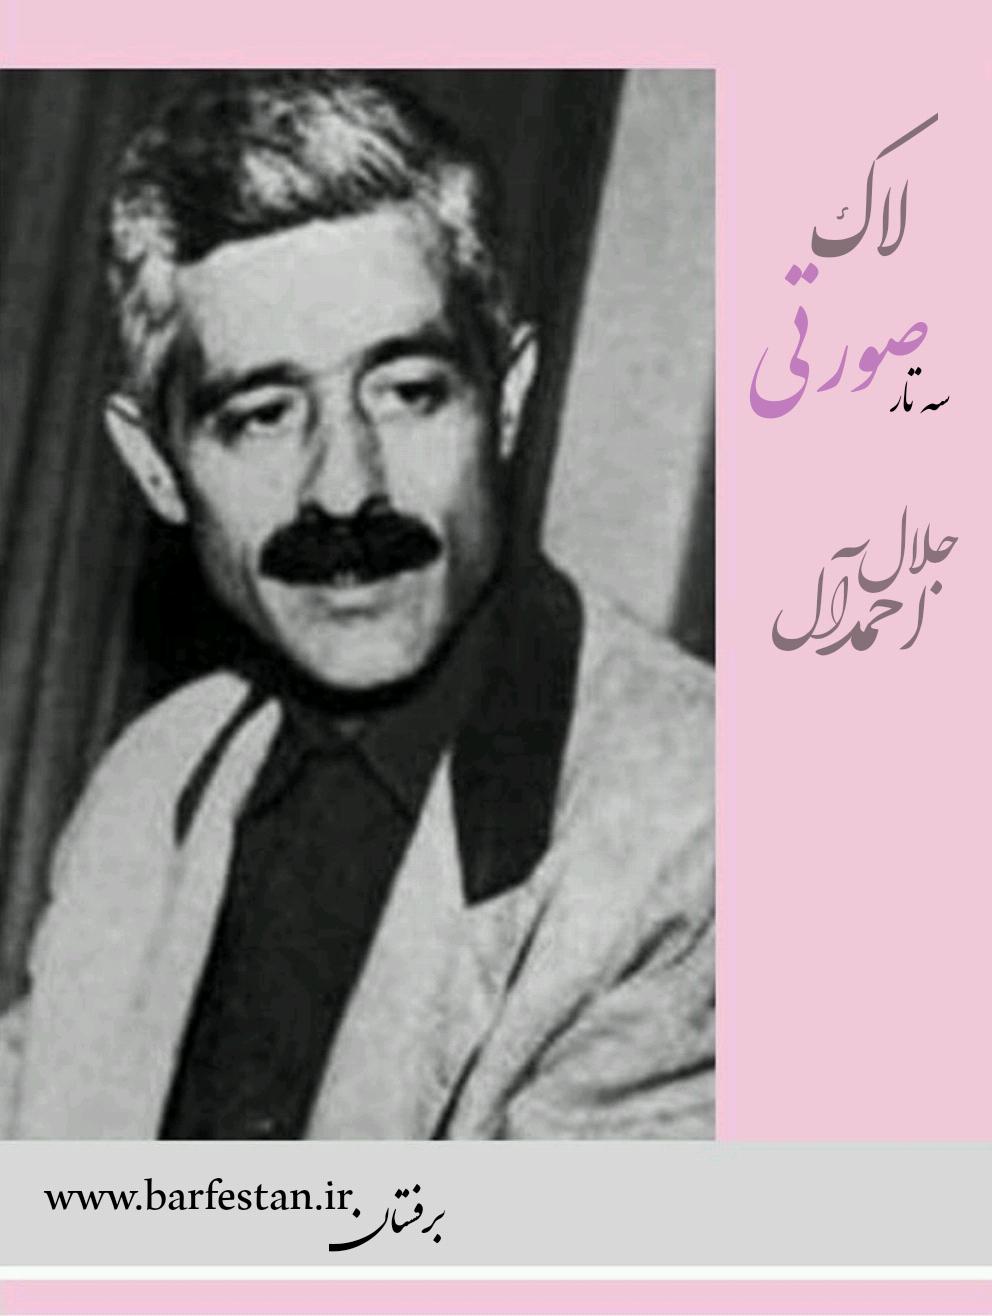 برفستان؛اتاق نقد ادبی(قسمت چهارم )لاک صورتی جلال آل احمد